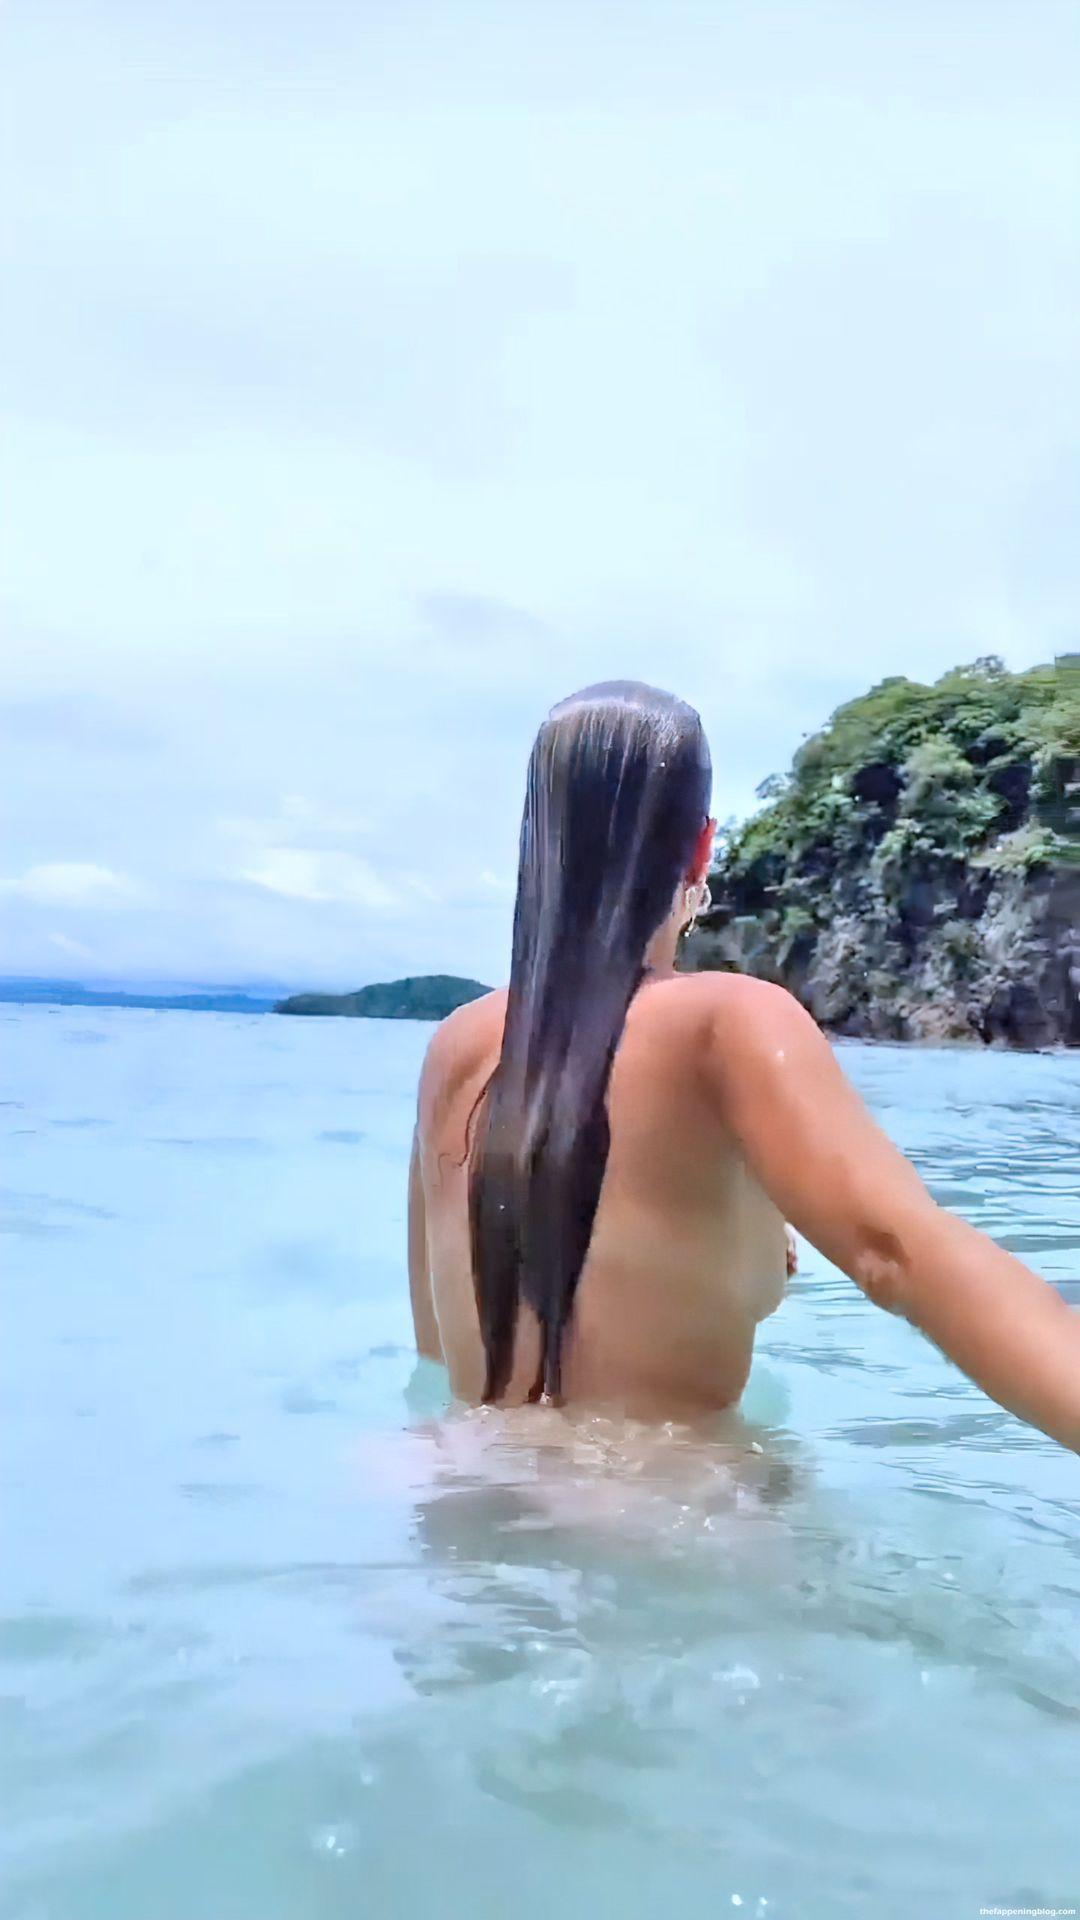 Kara-Del-Toro-Topless-Pics-4-thefappeningblog.com_.jpg